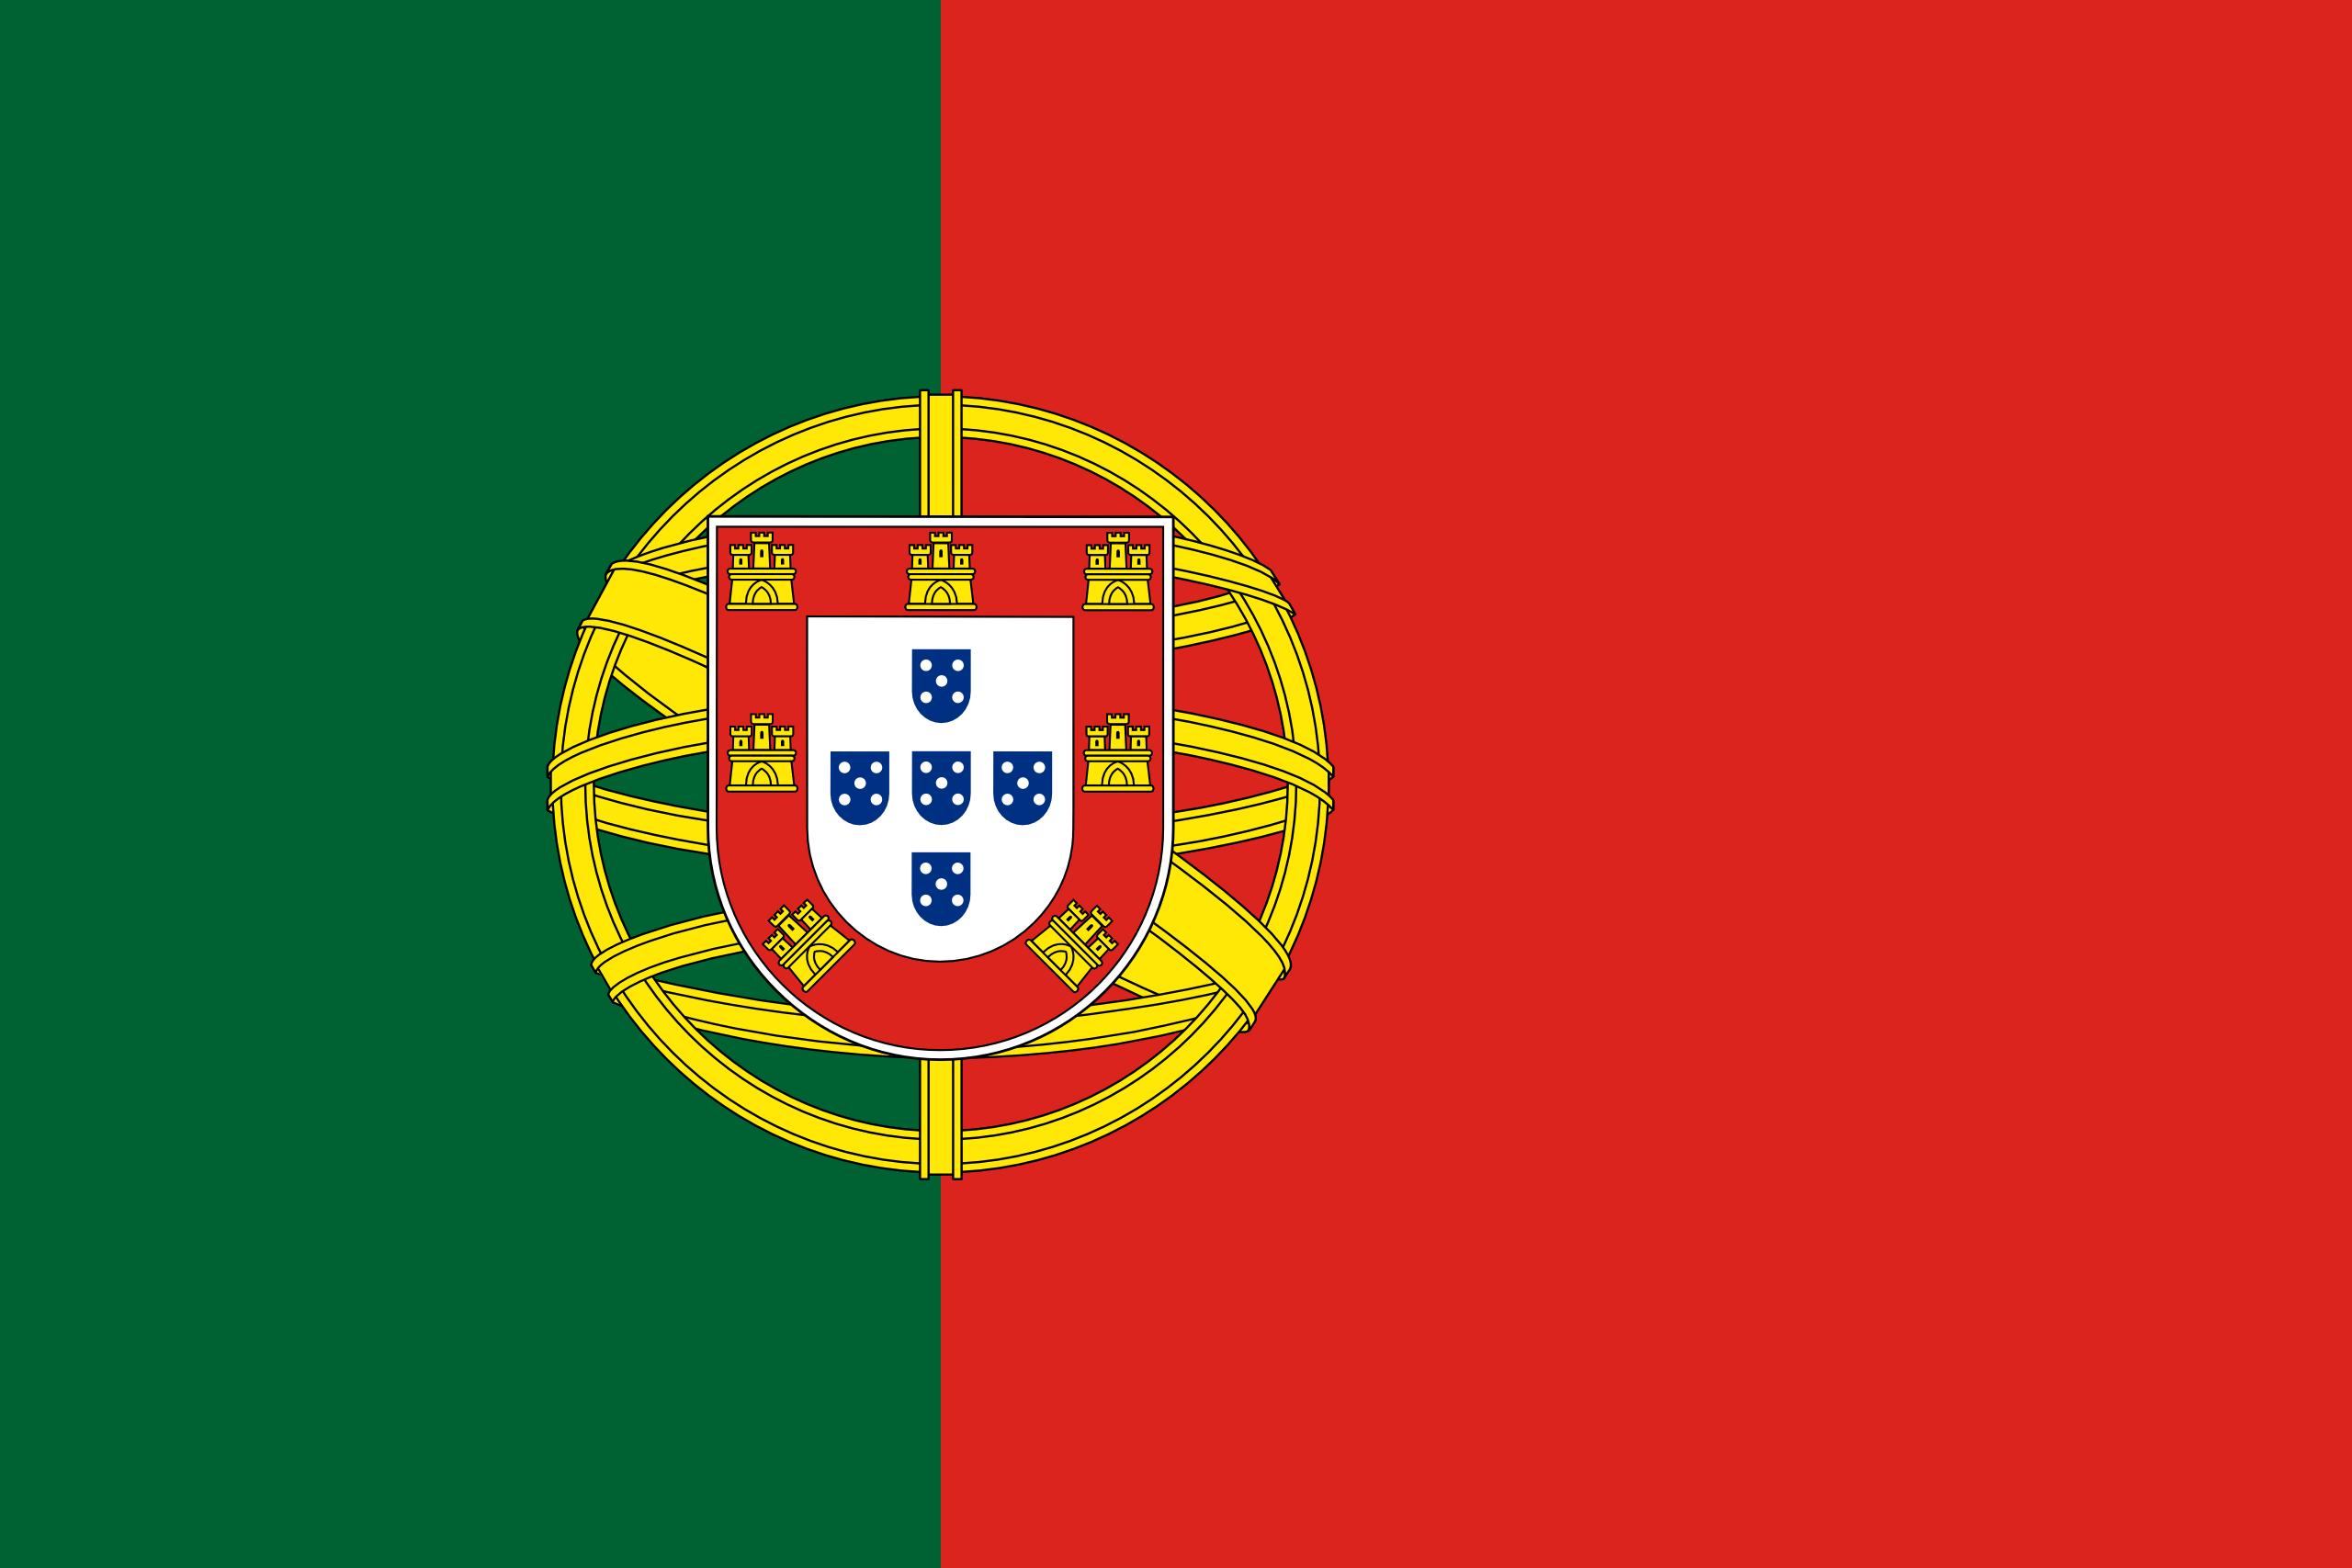 portugal, país, emblema, insignia, シンボル - HD の壁紙 - 教授-falken.com